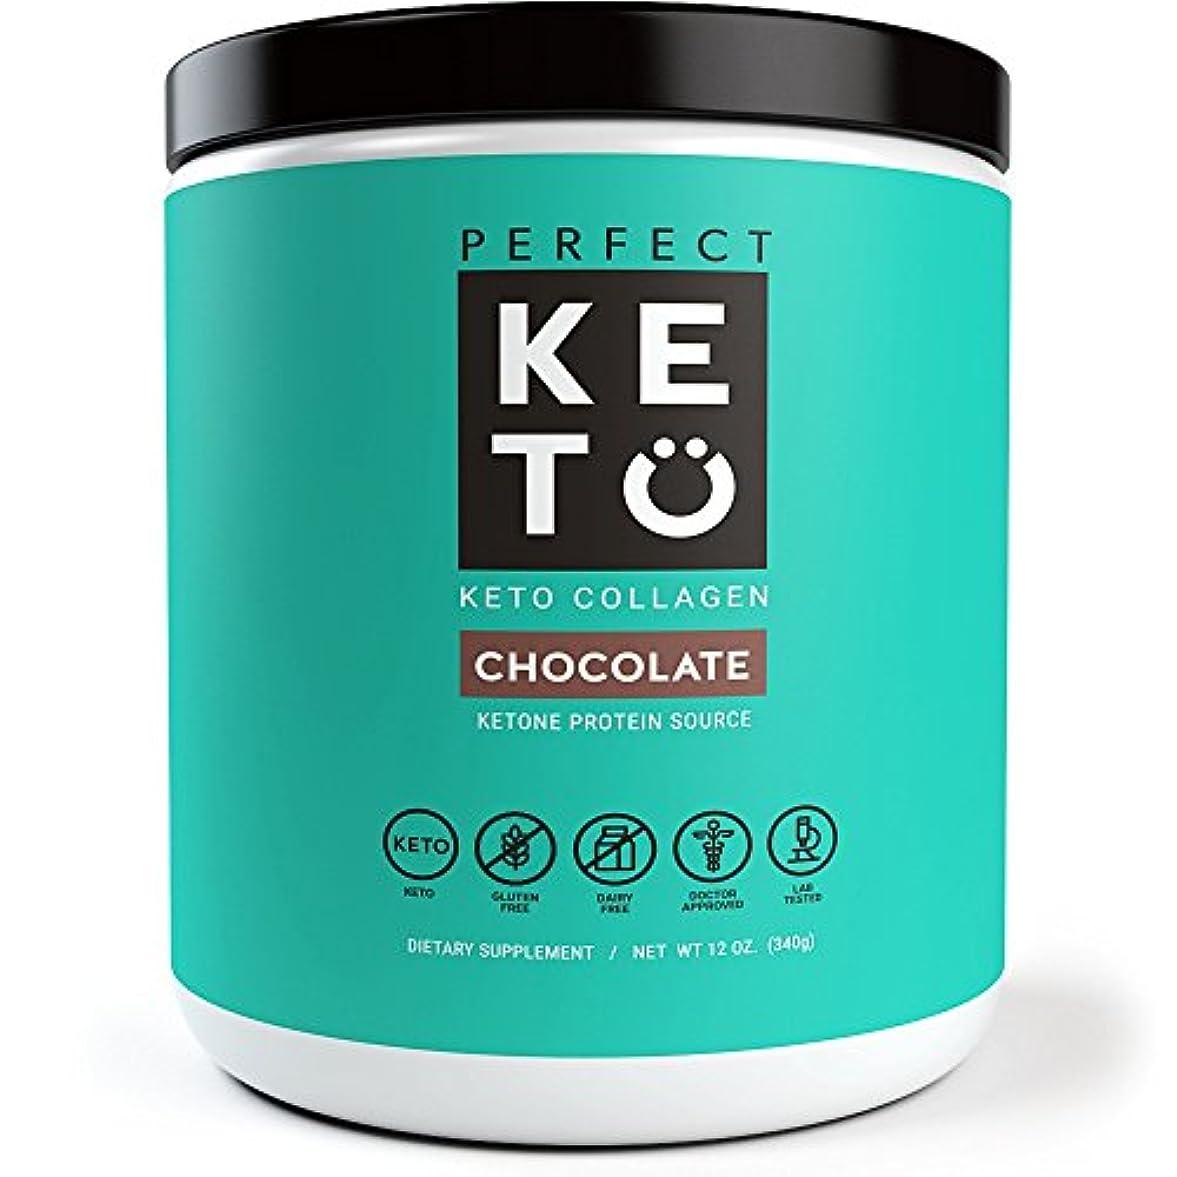 台風感じる以来ケト低糖質プロテインコラーゲンパウダー チョコレート味 340g by Perfect KETO [海外直送品]